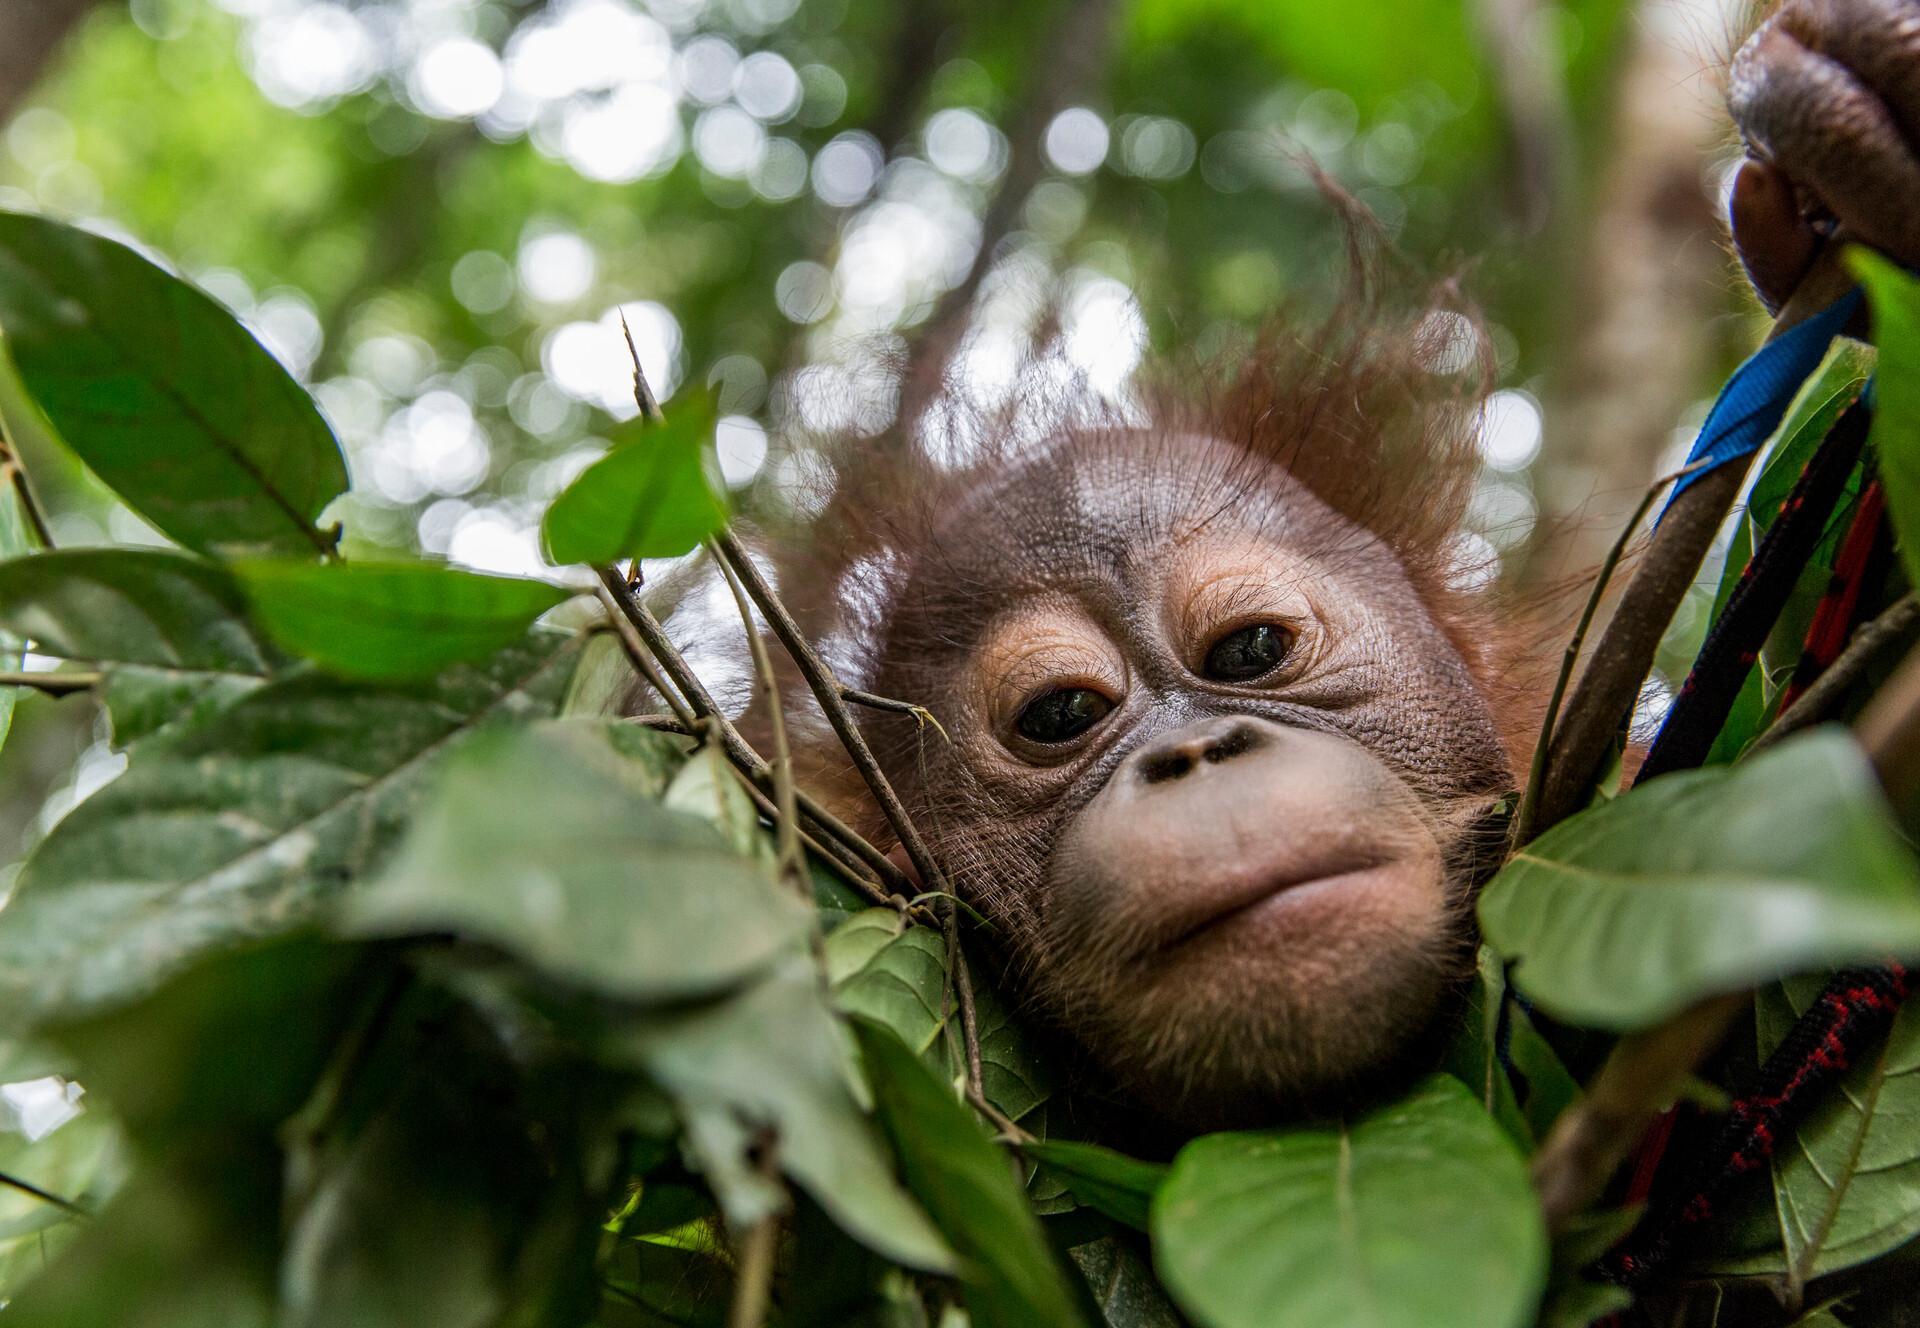 Un orang-outang observant son environnement depuis la cime d'un arbre